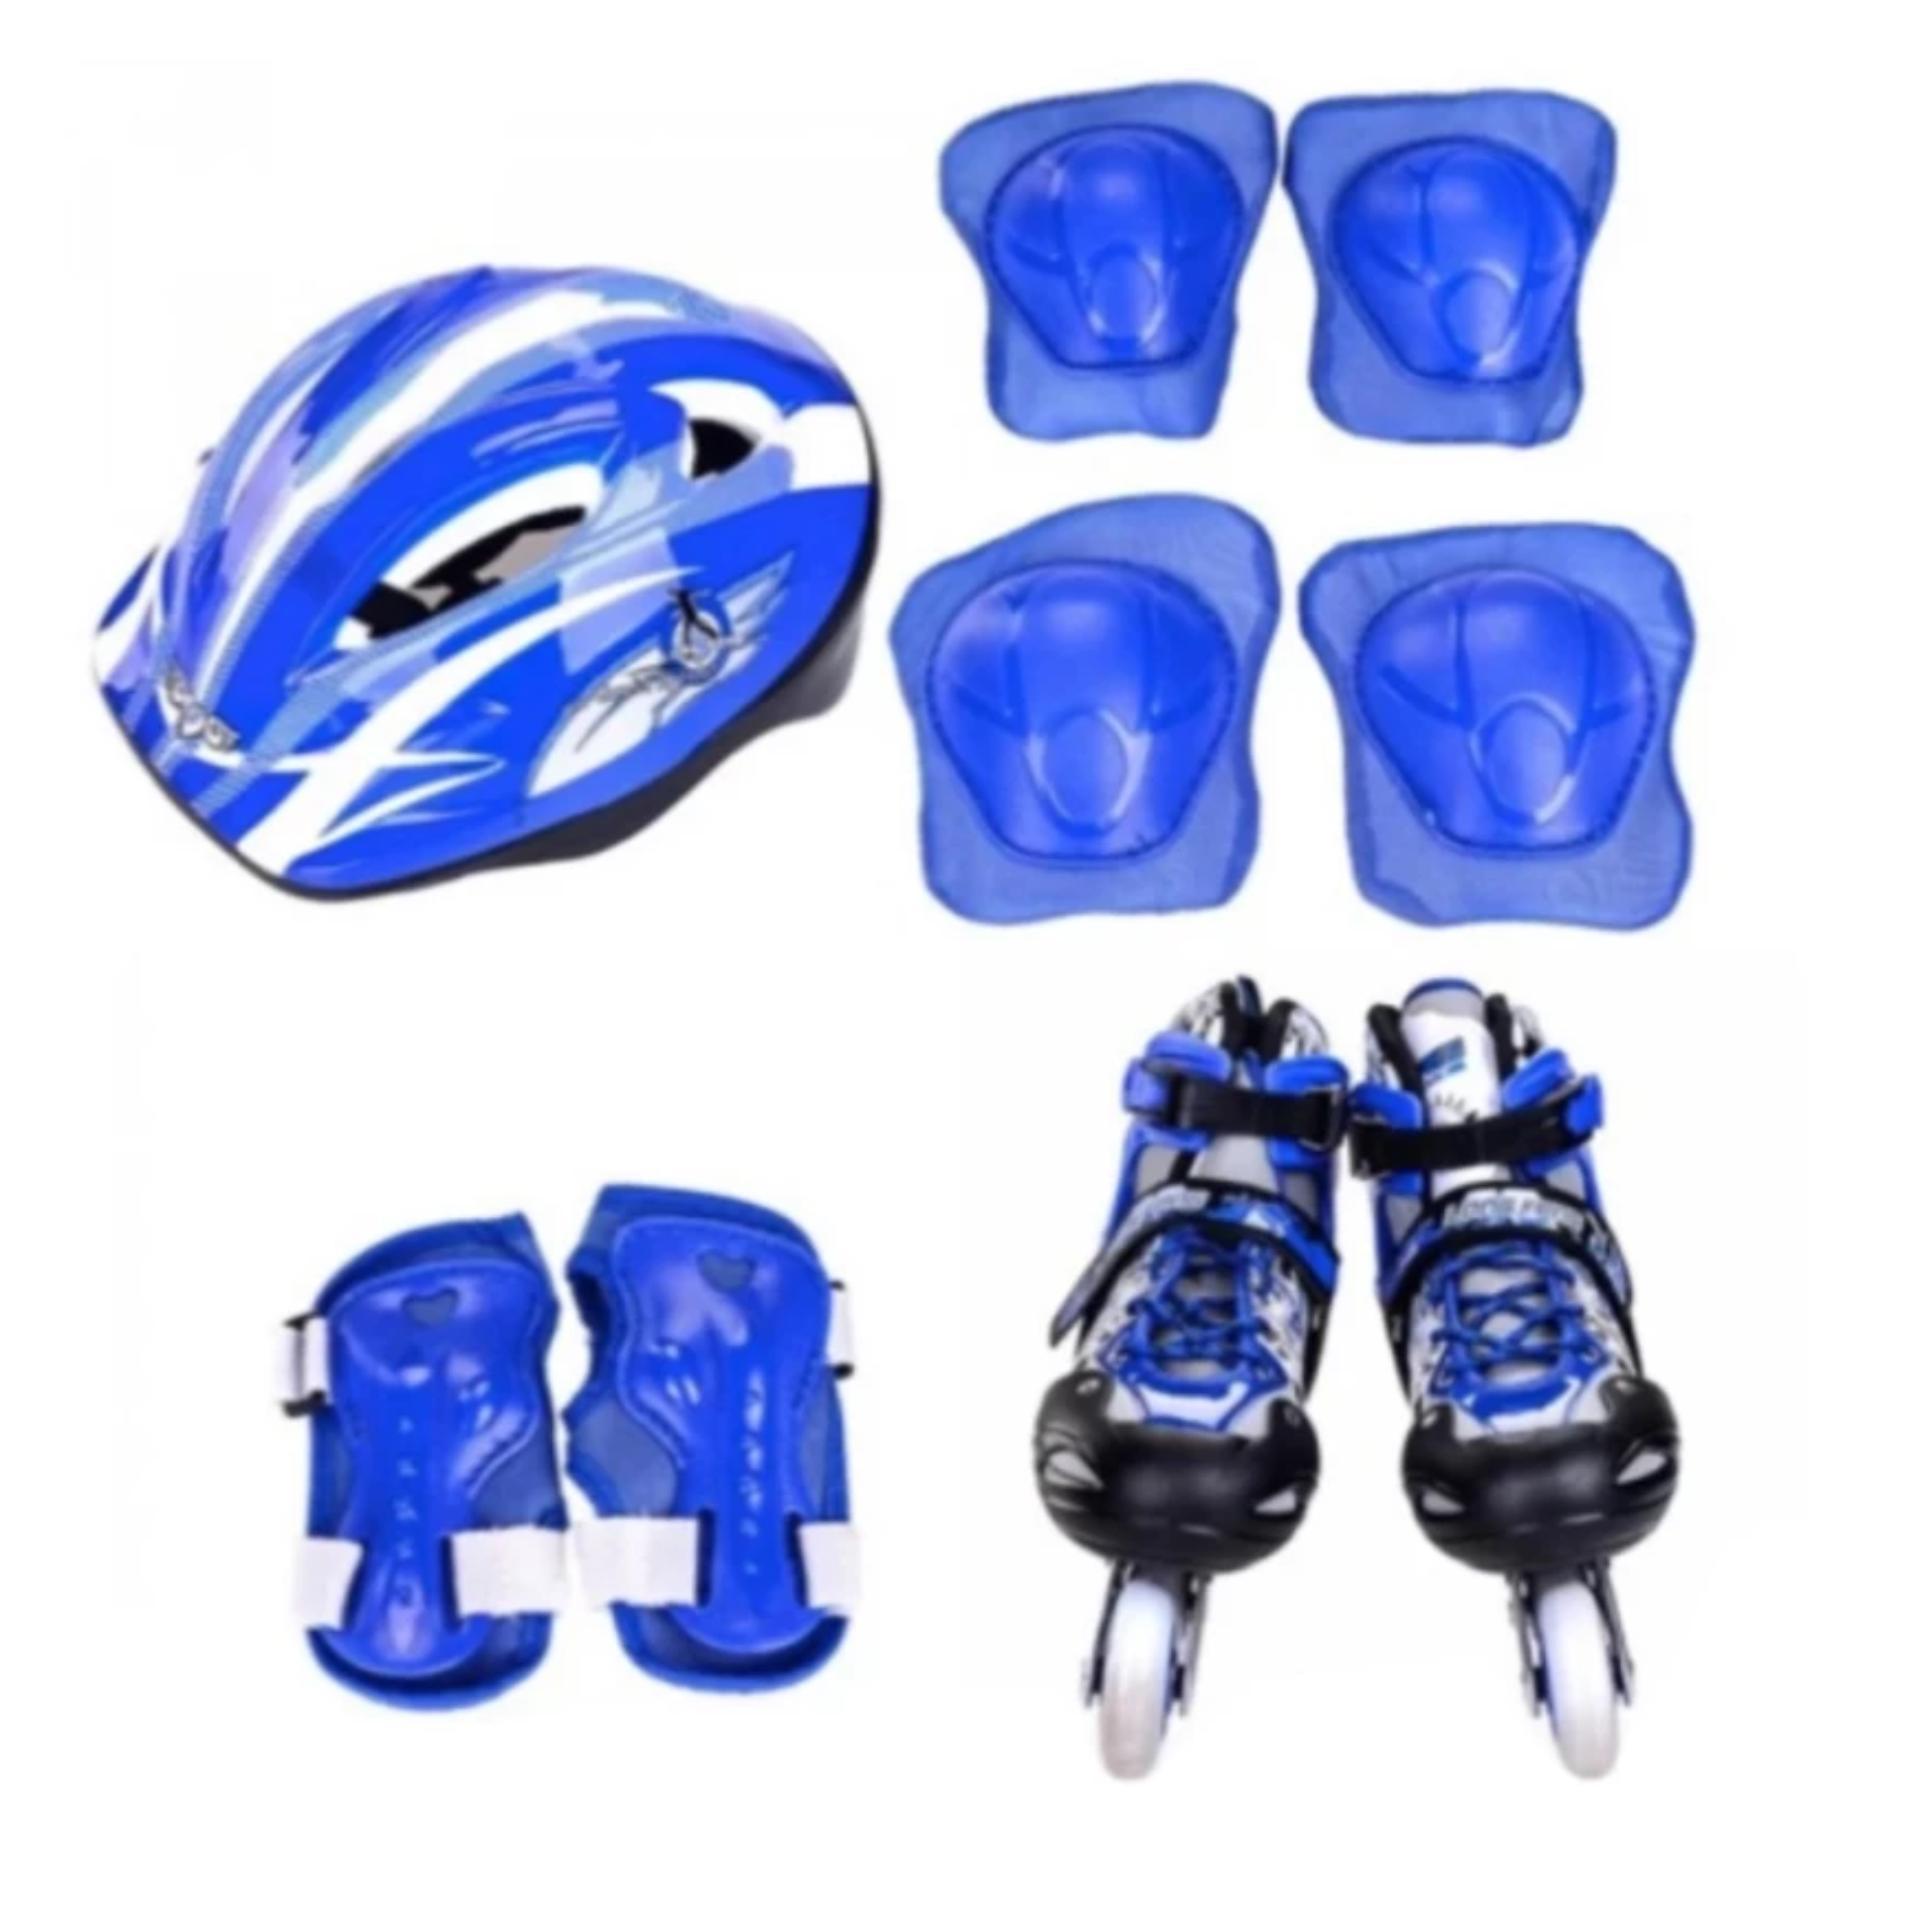 Bộ giày chơi patin ( giày trượt + bảo vệ tay chân + nón bảo hộ ) có túi đi kèm size M 35-38 ( xanh )